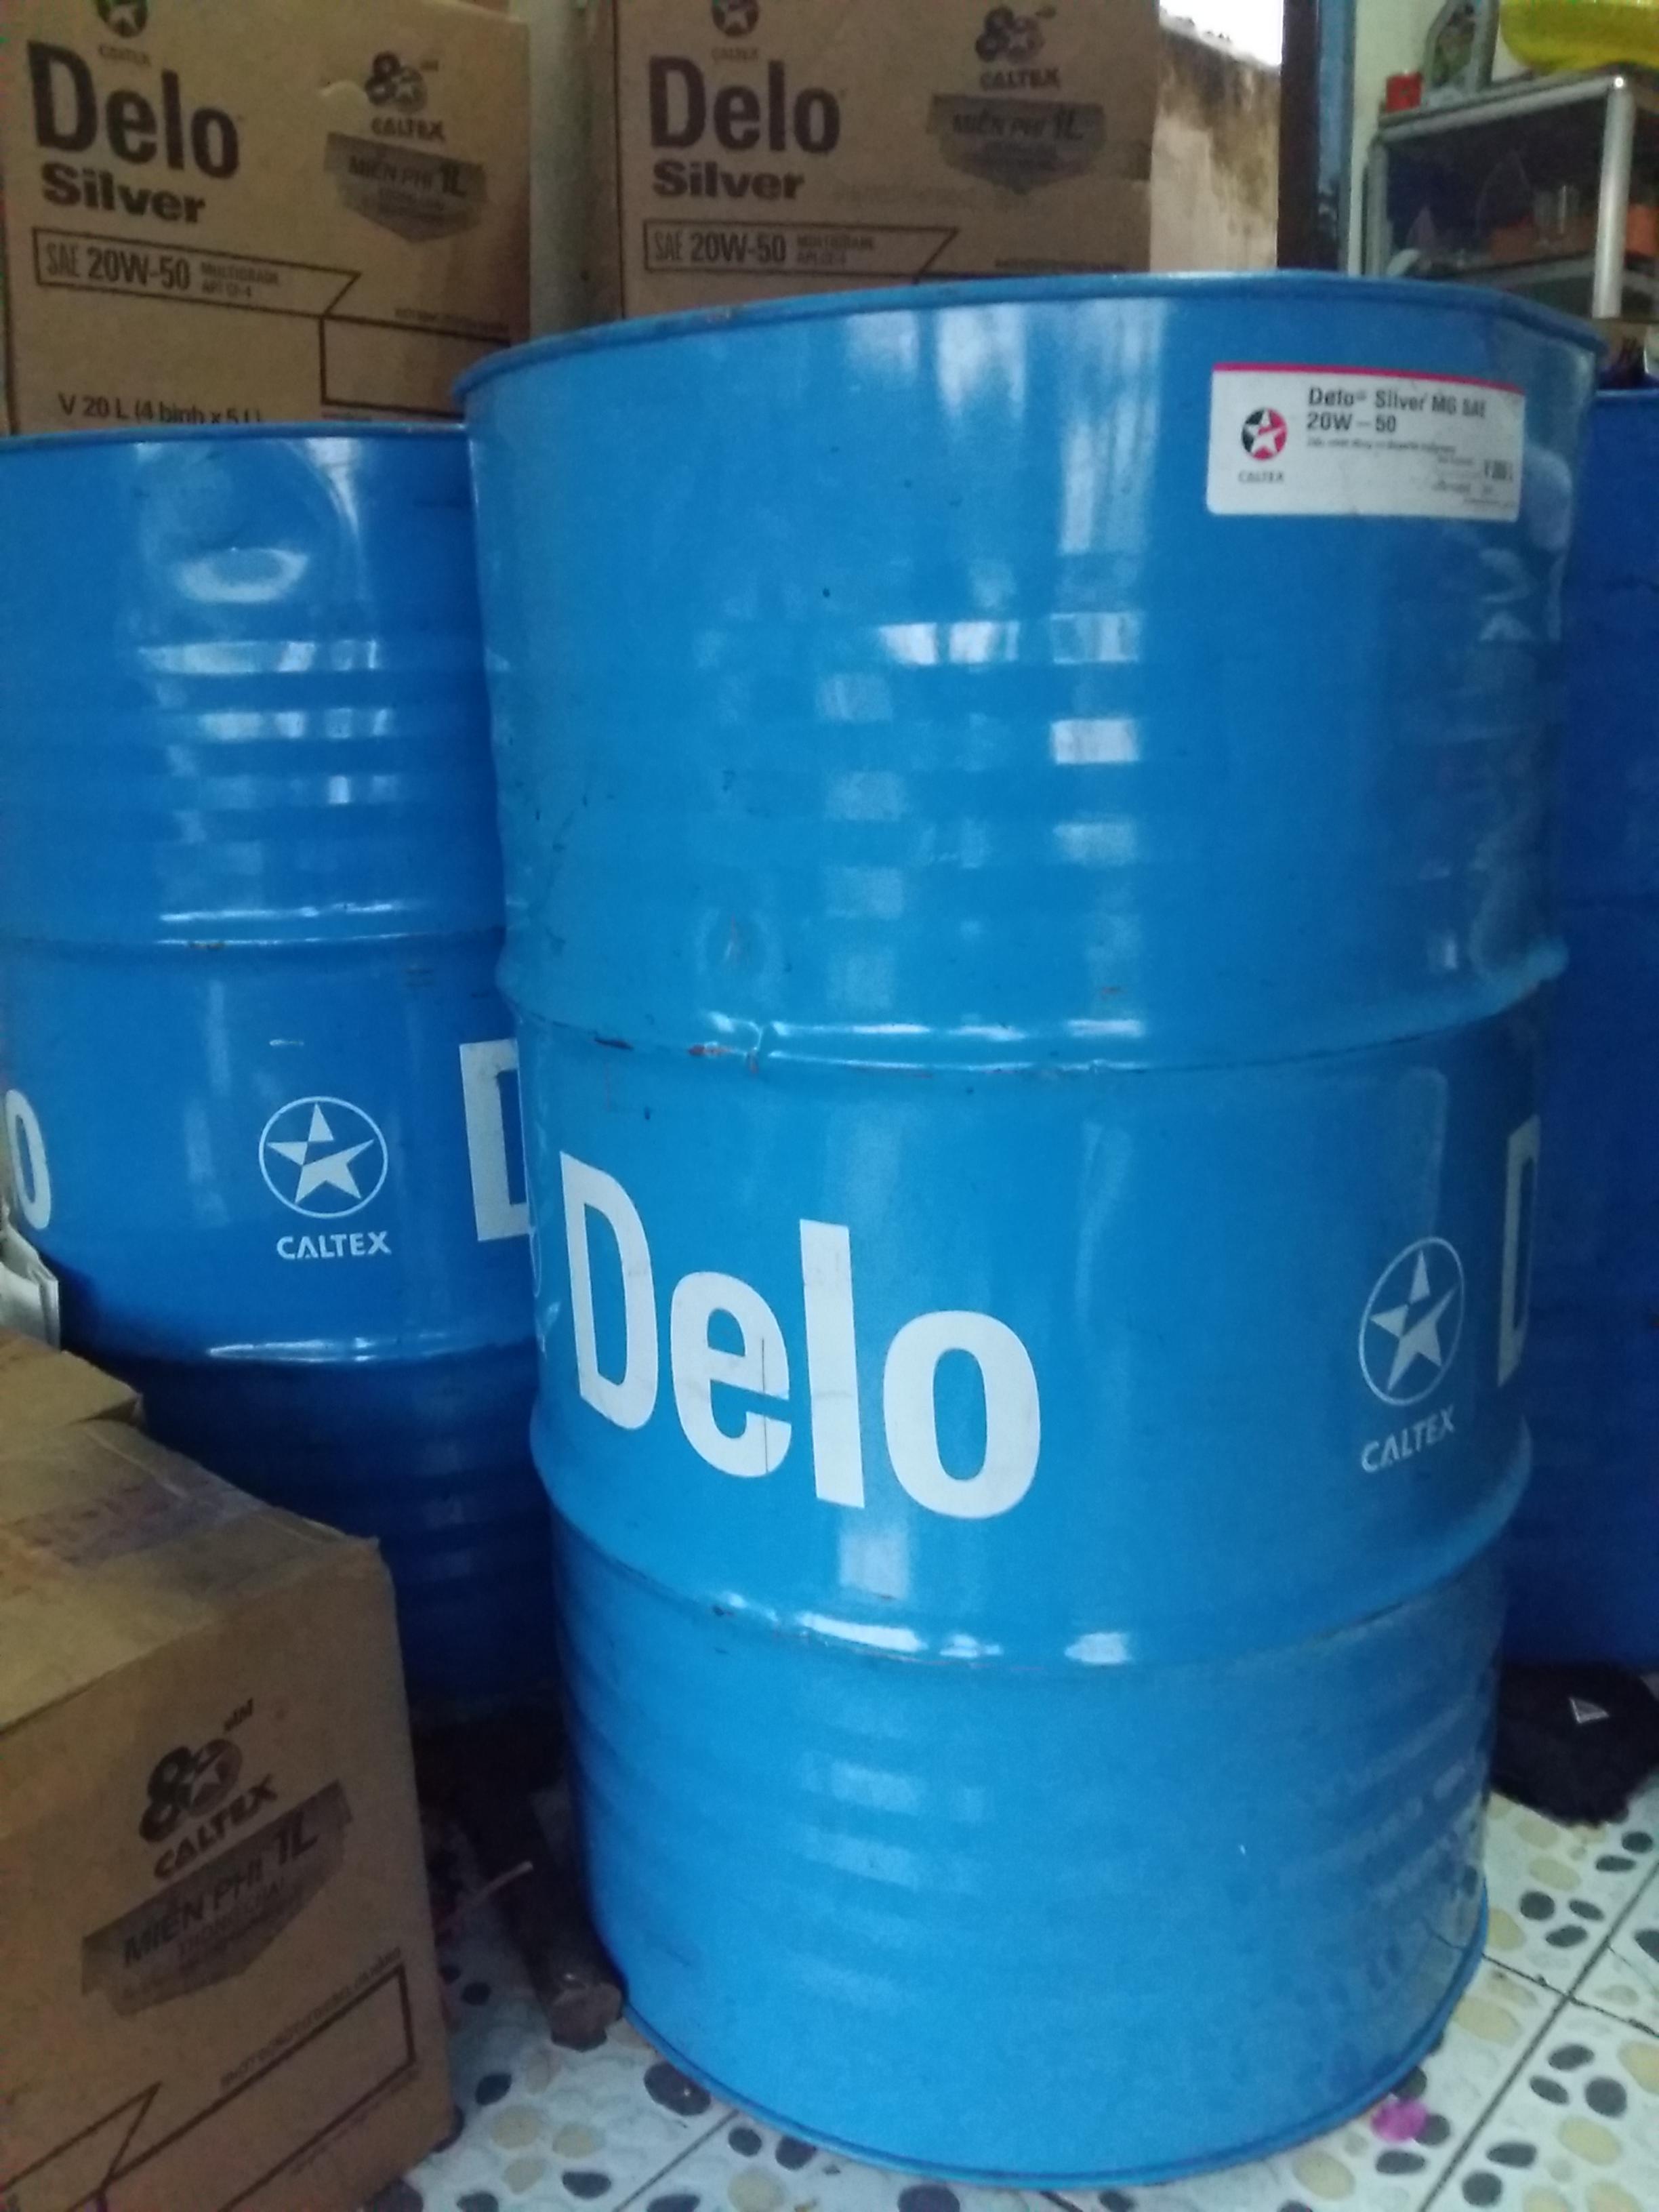 dầu nhớt động cơ chất lượng caltex-Delo Silver Multigrade 15W40 và